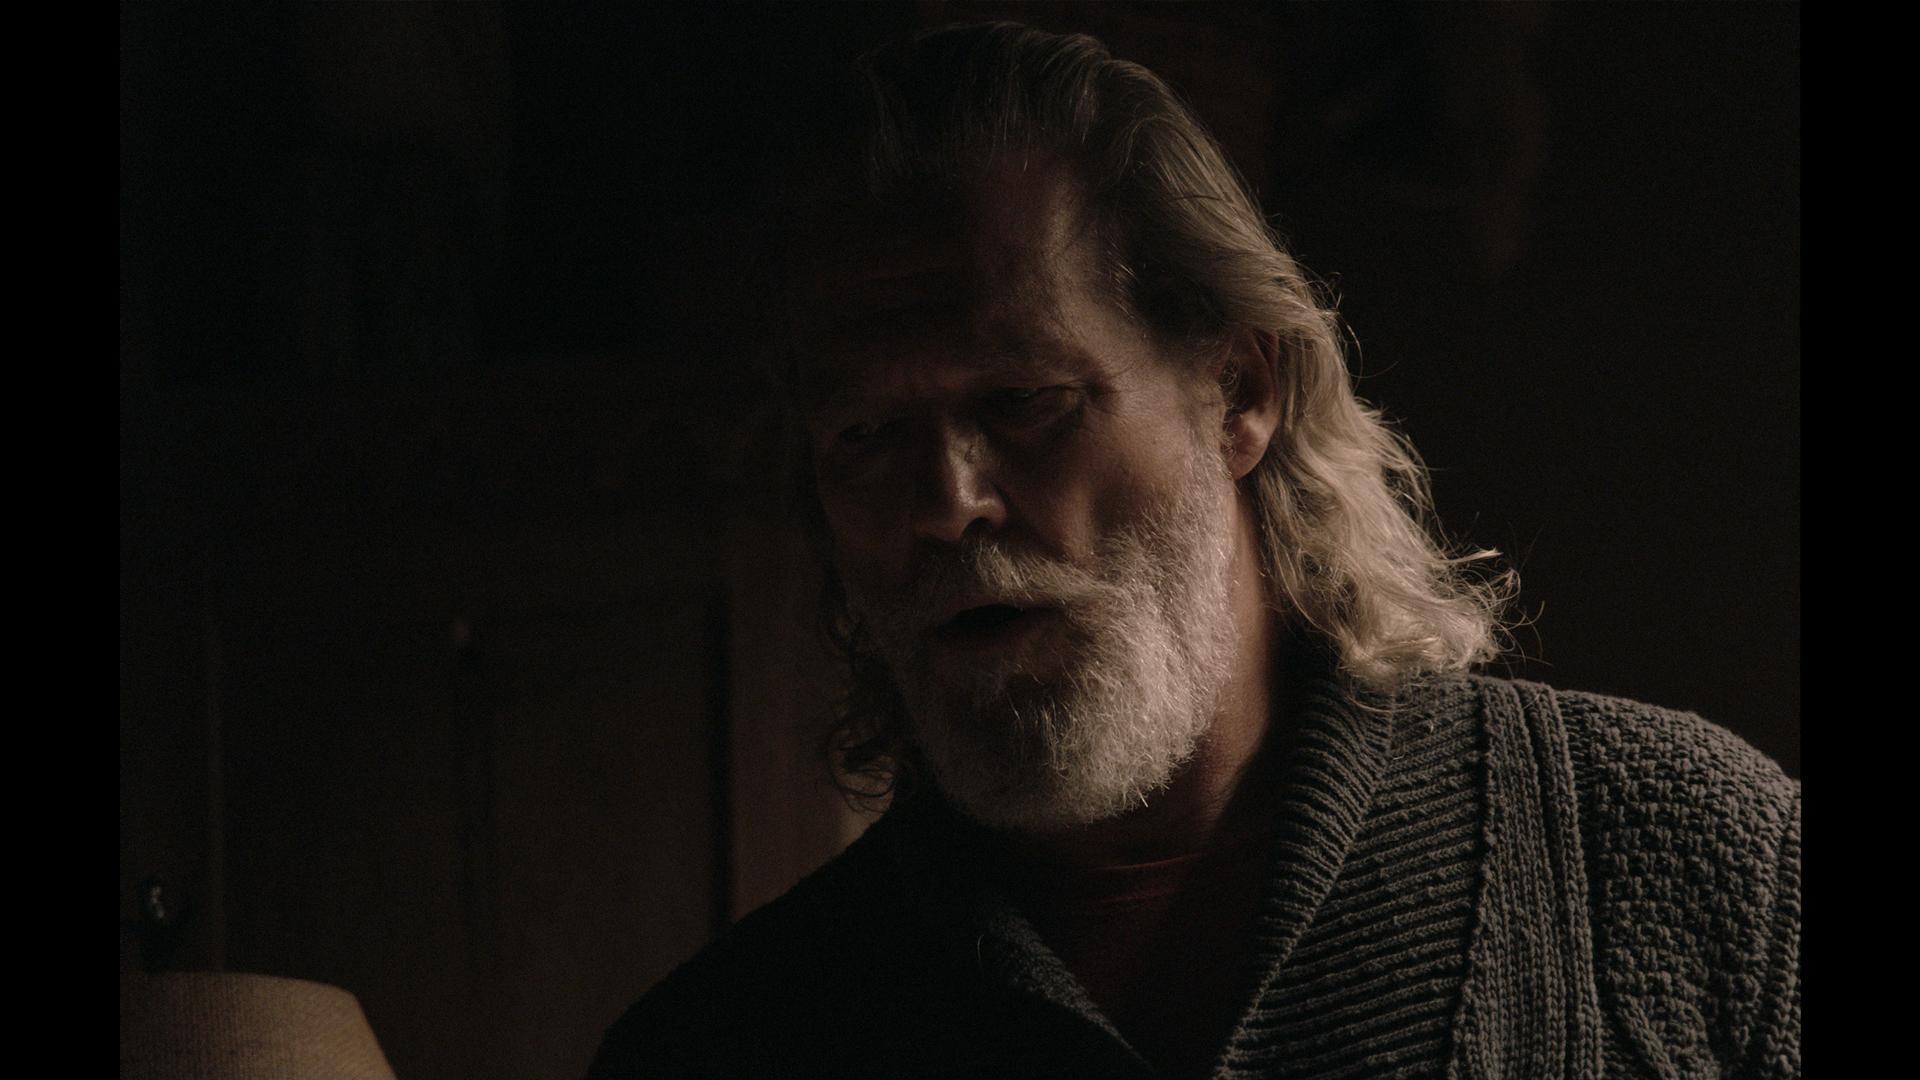 Jeff Bridges lit solely by an early prototype,